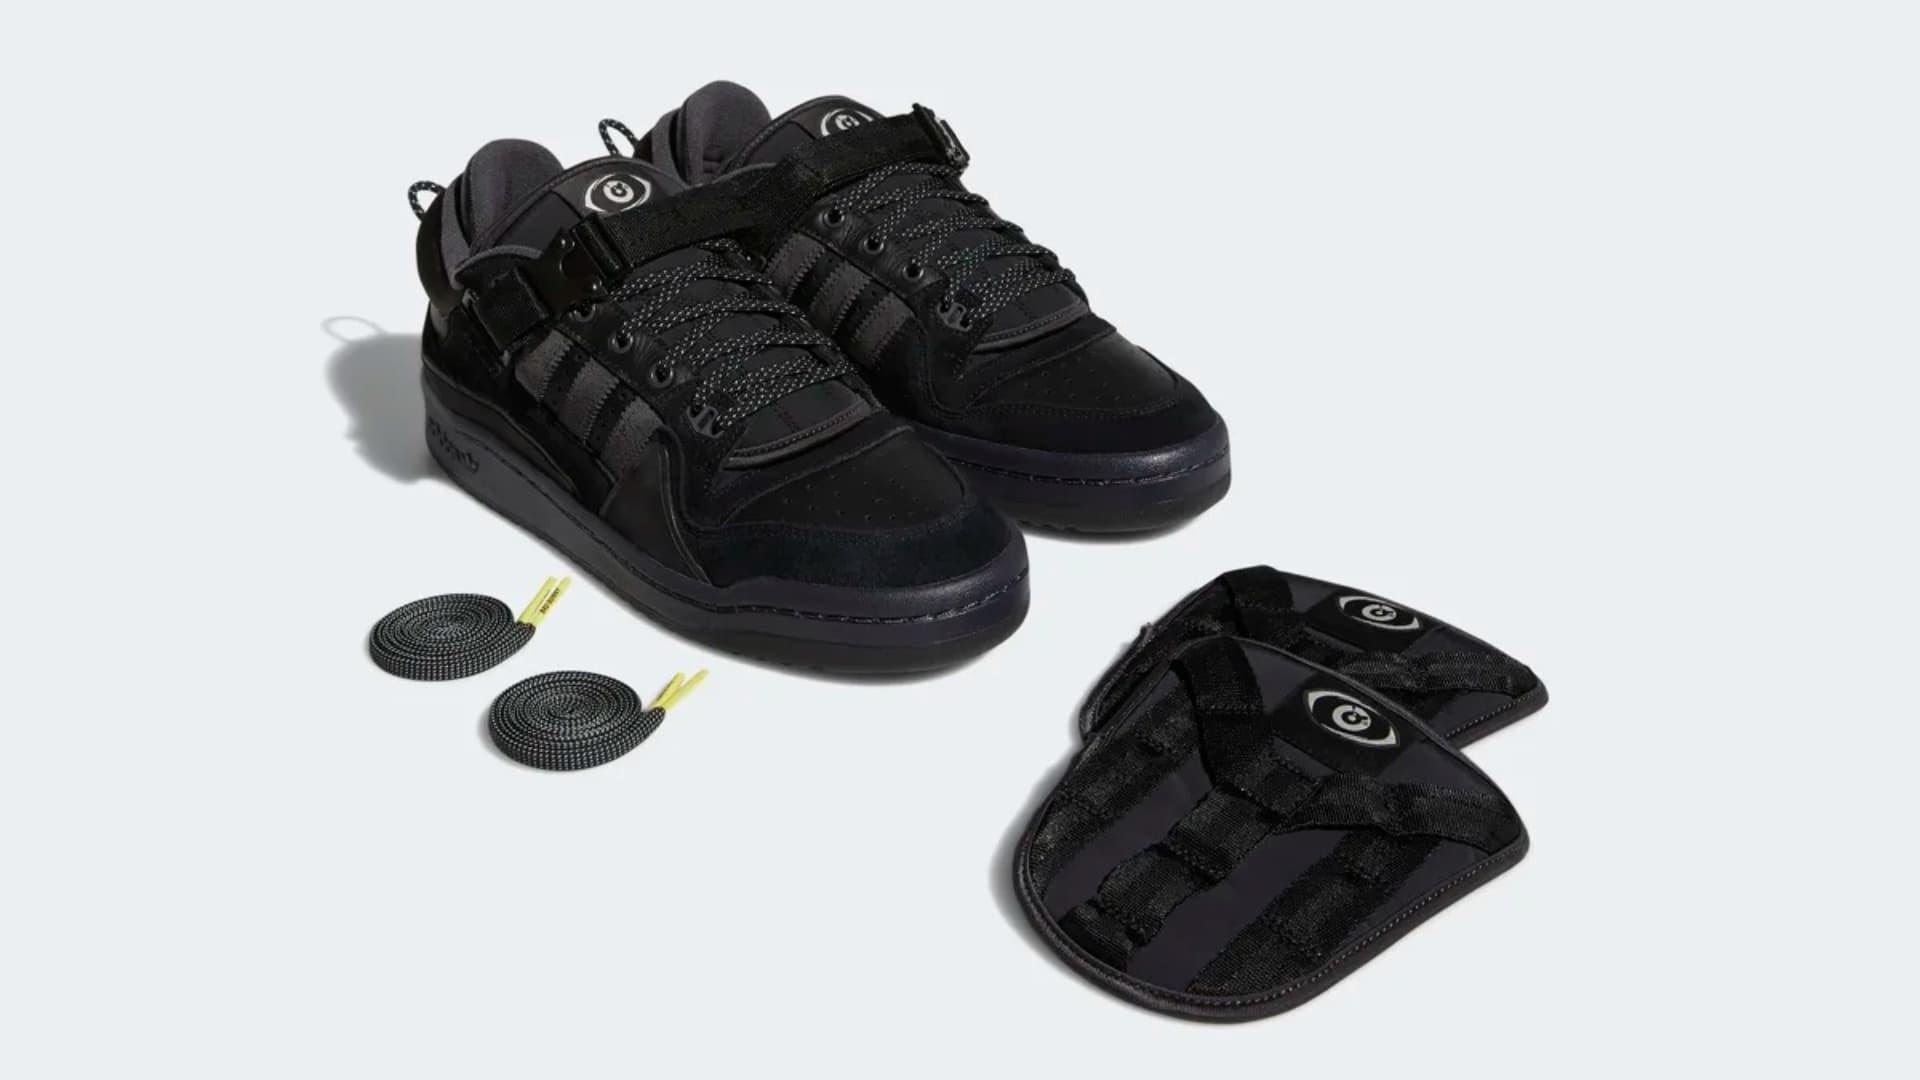 Adidas y Bad Bunny, lanzaron las nuevas zapatillas Forum